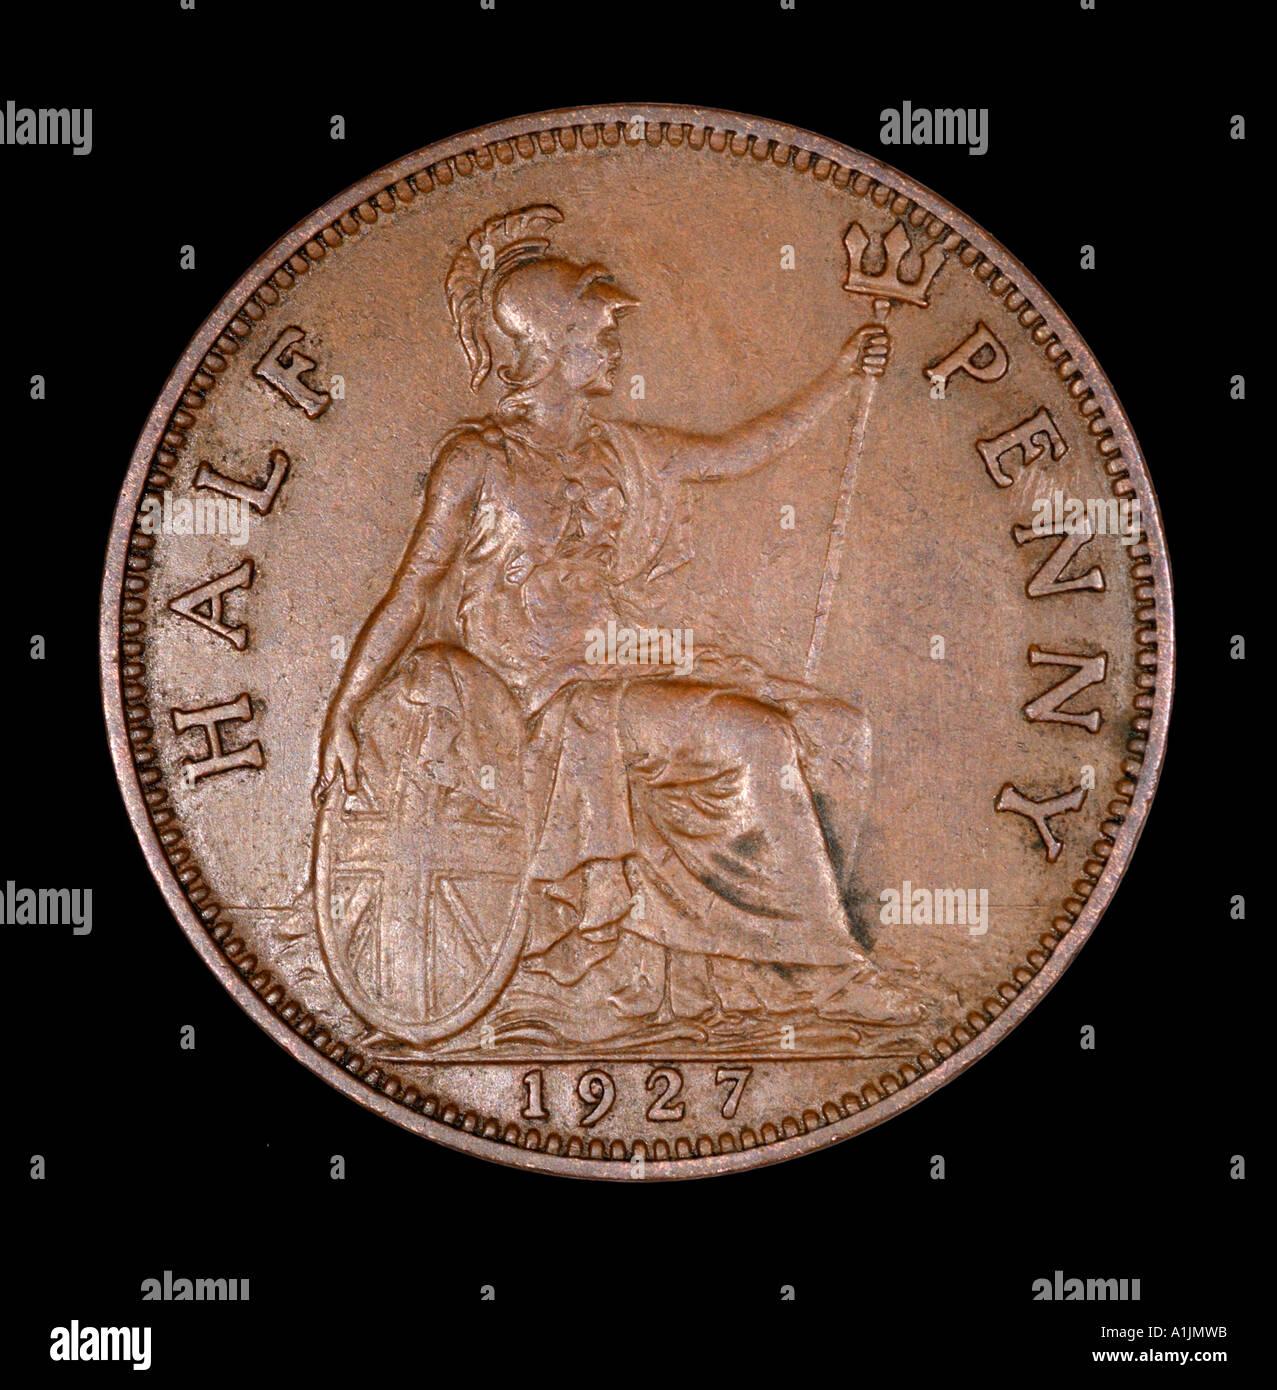 King George V 5 Reg fid def pre mezzo decimale penny vecchi pence P 1927 rame luminoso schermo Britannia trident mare casco BANDIERA Immagini Stock